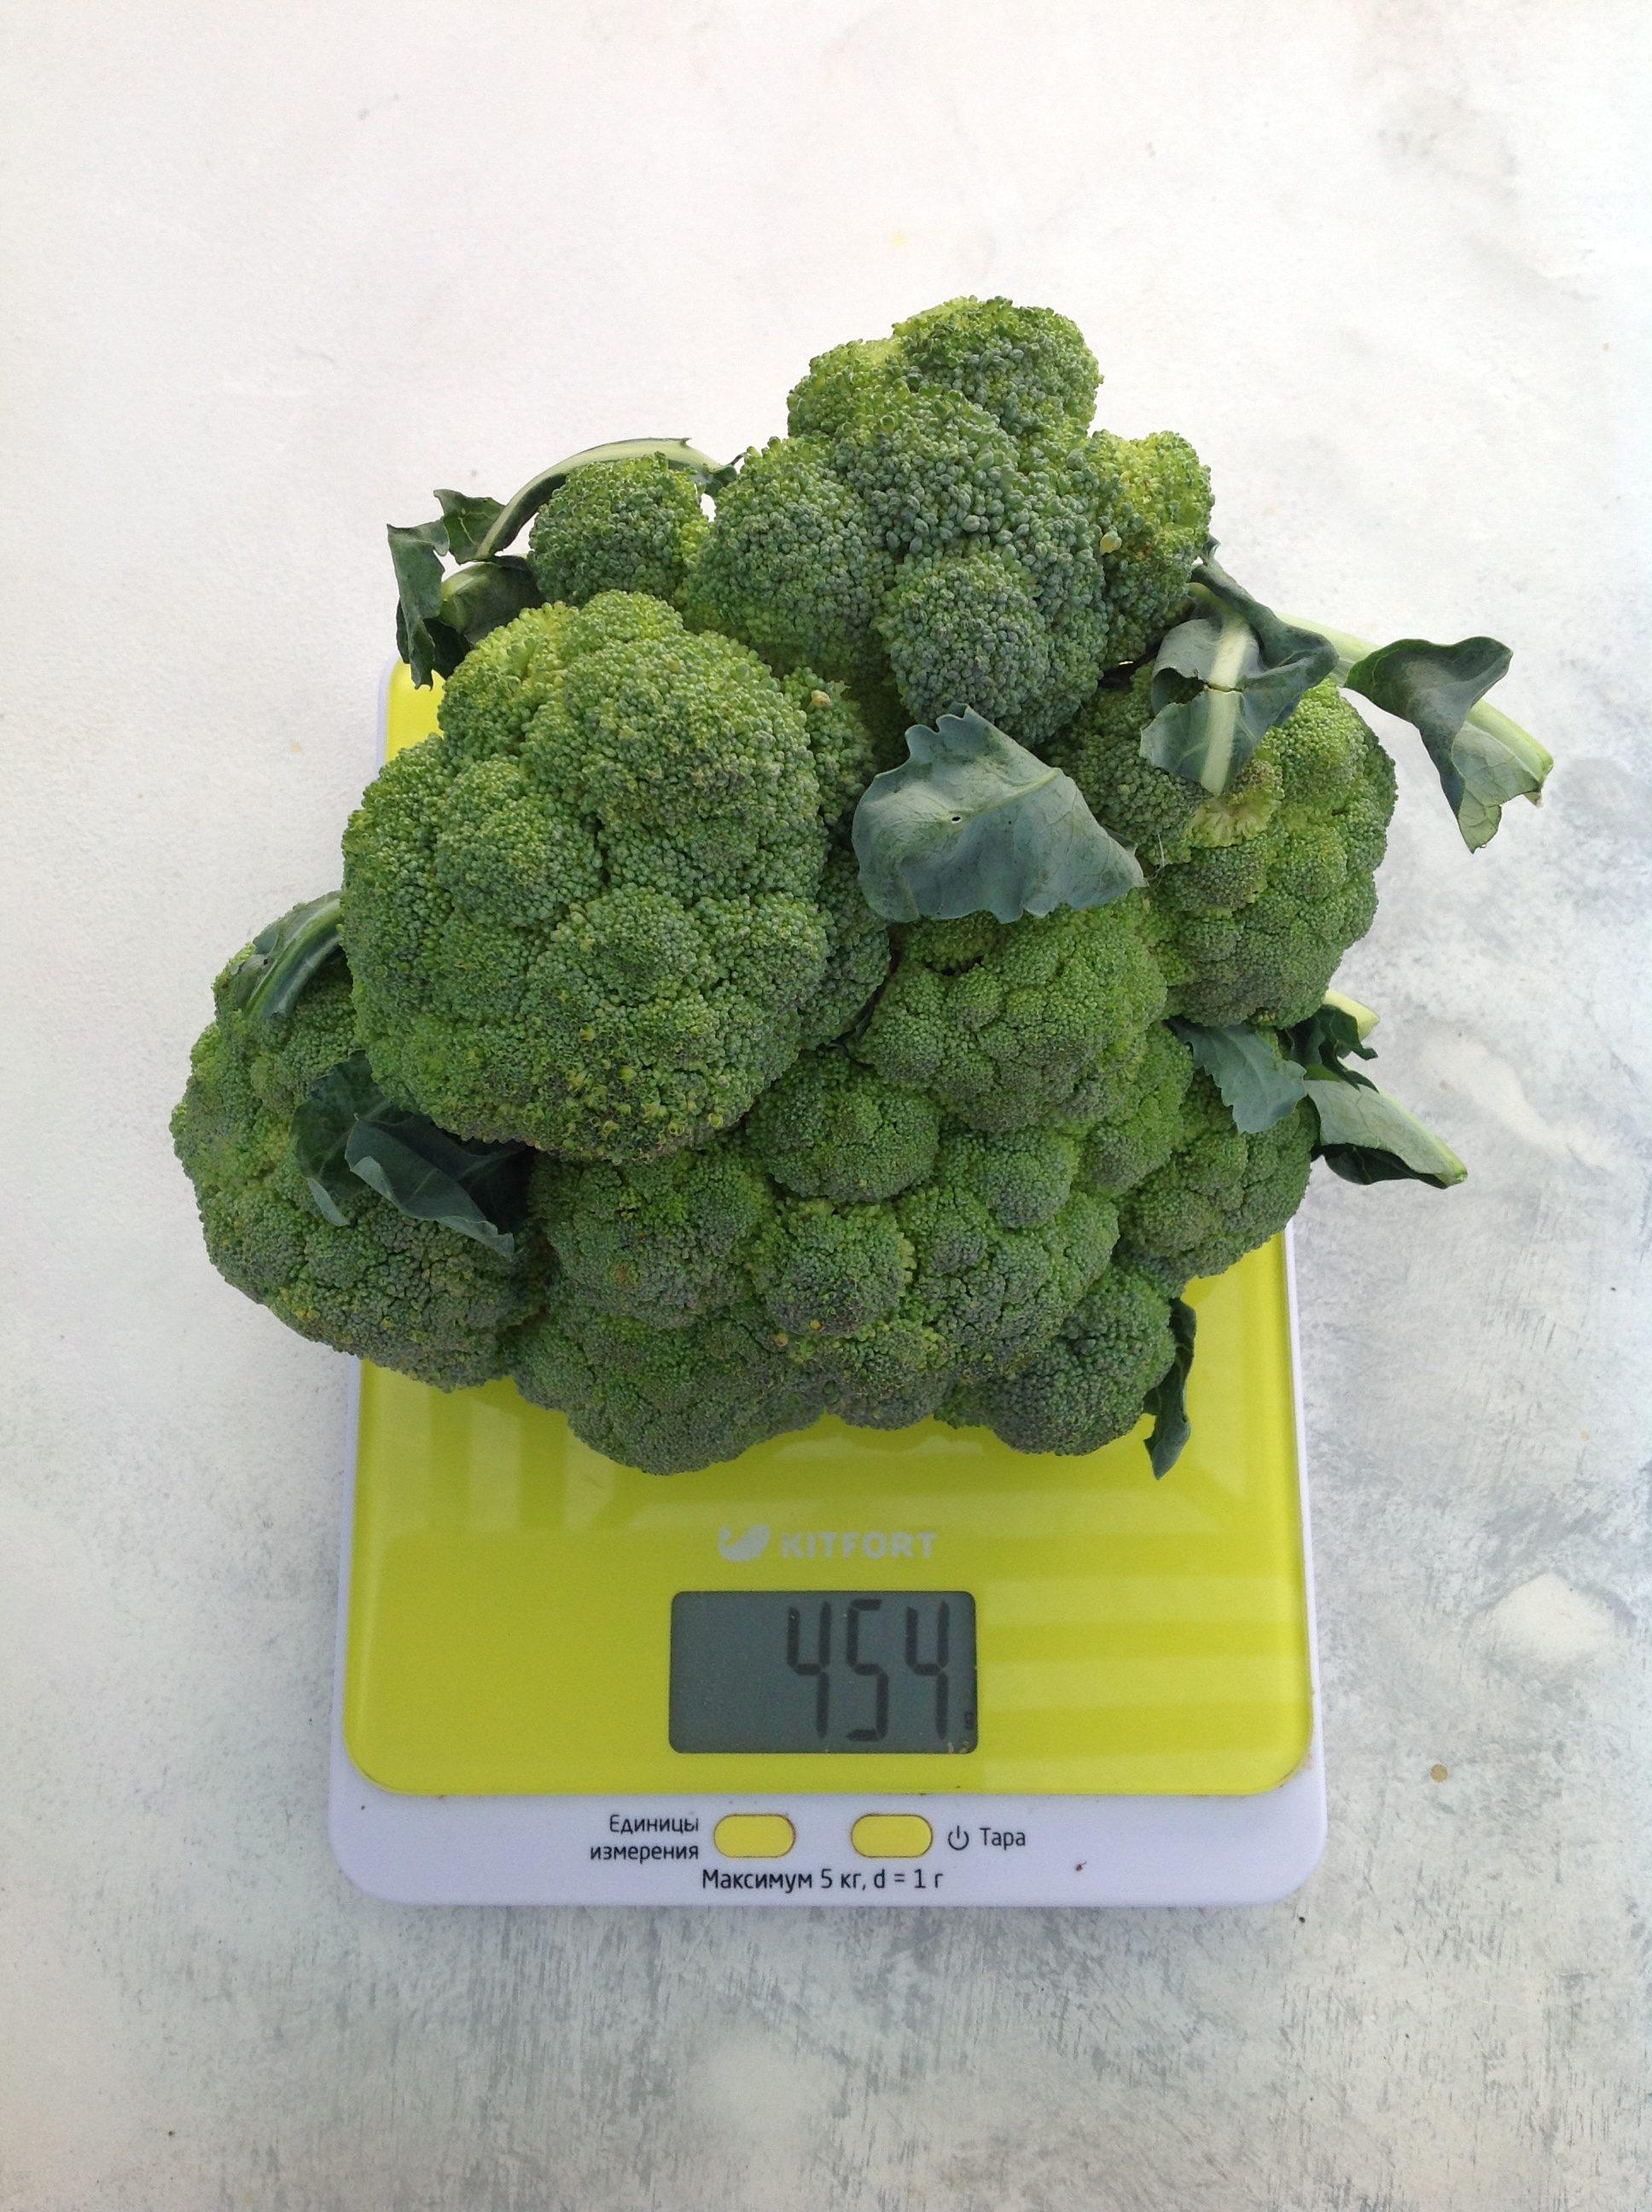 вес брокколи средней